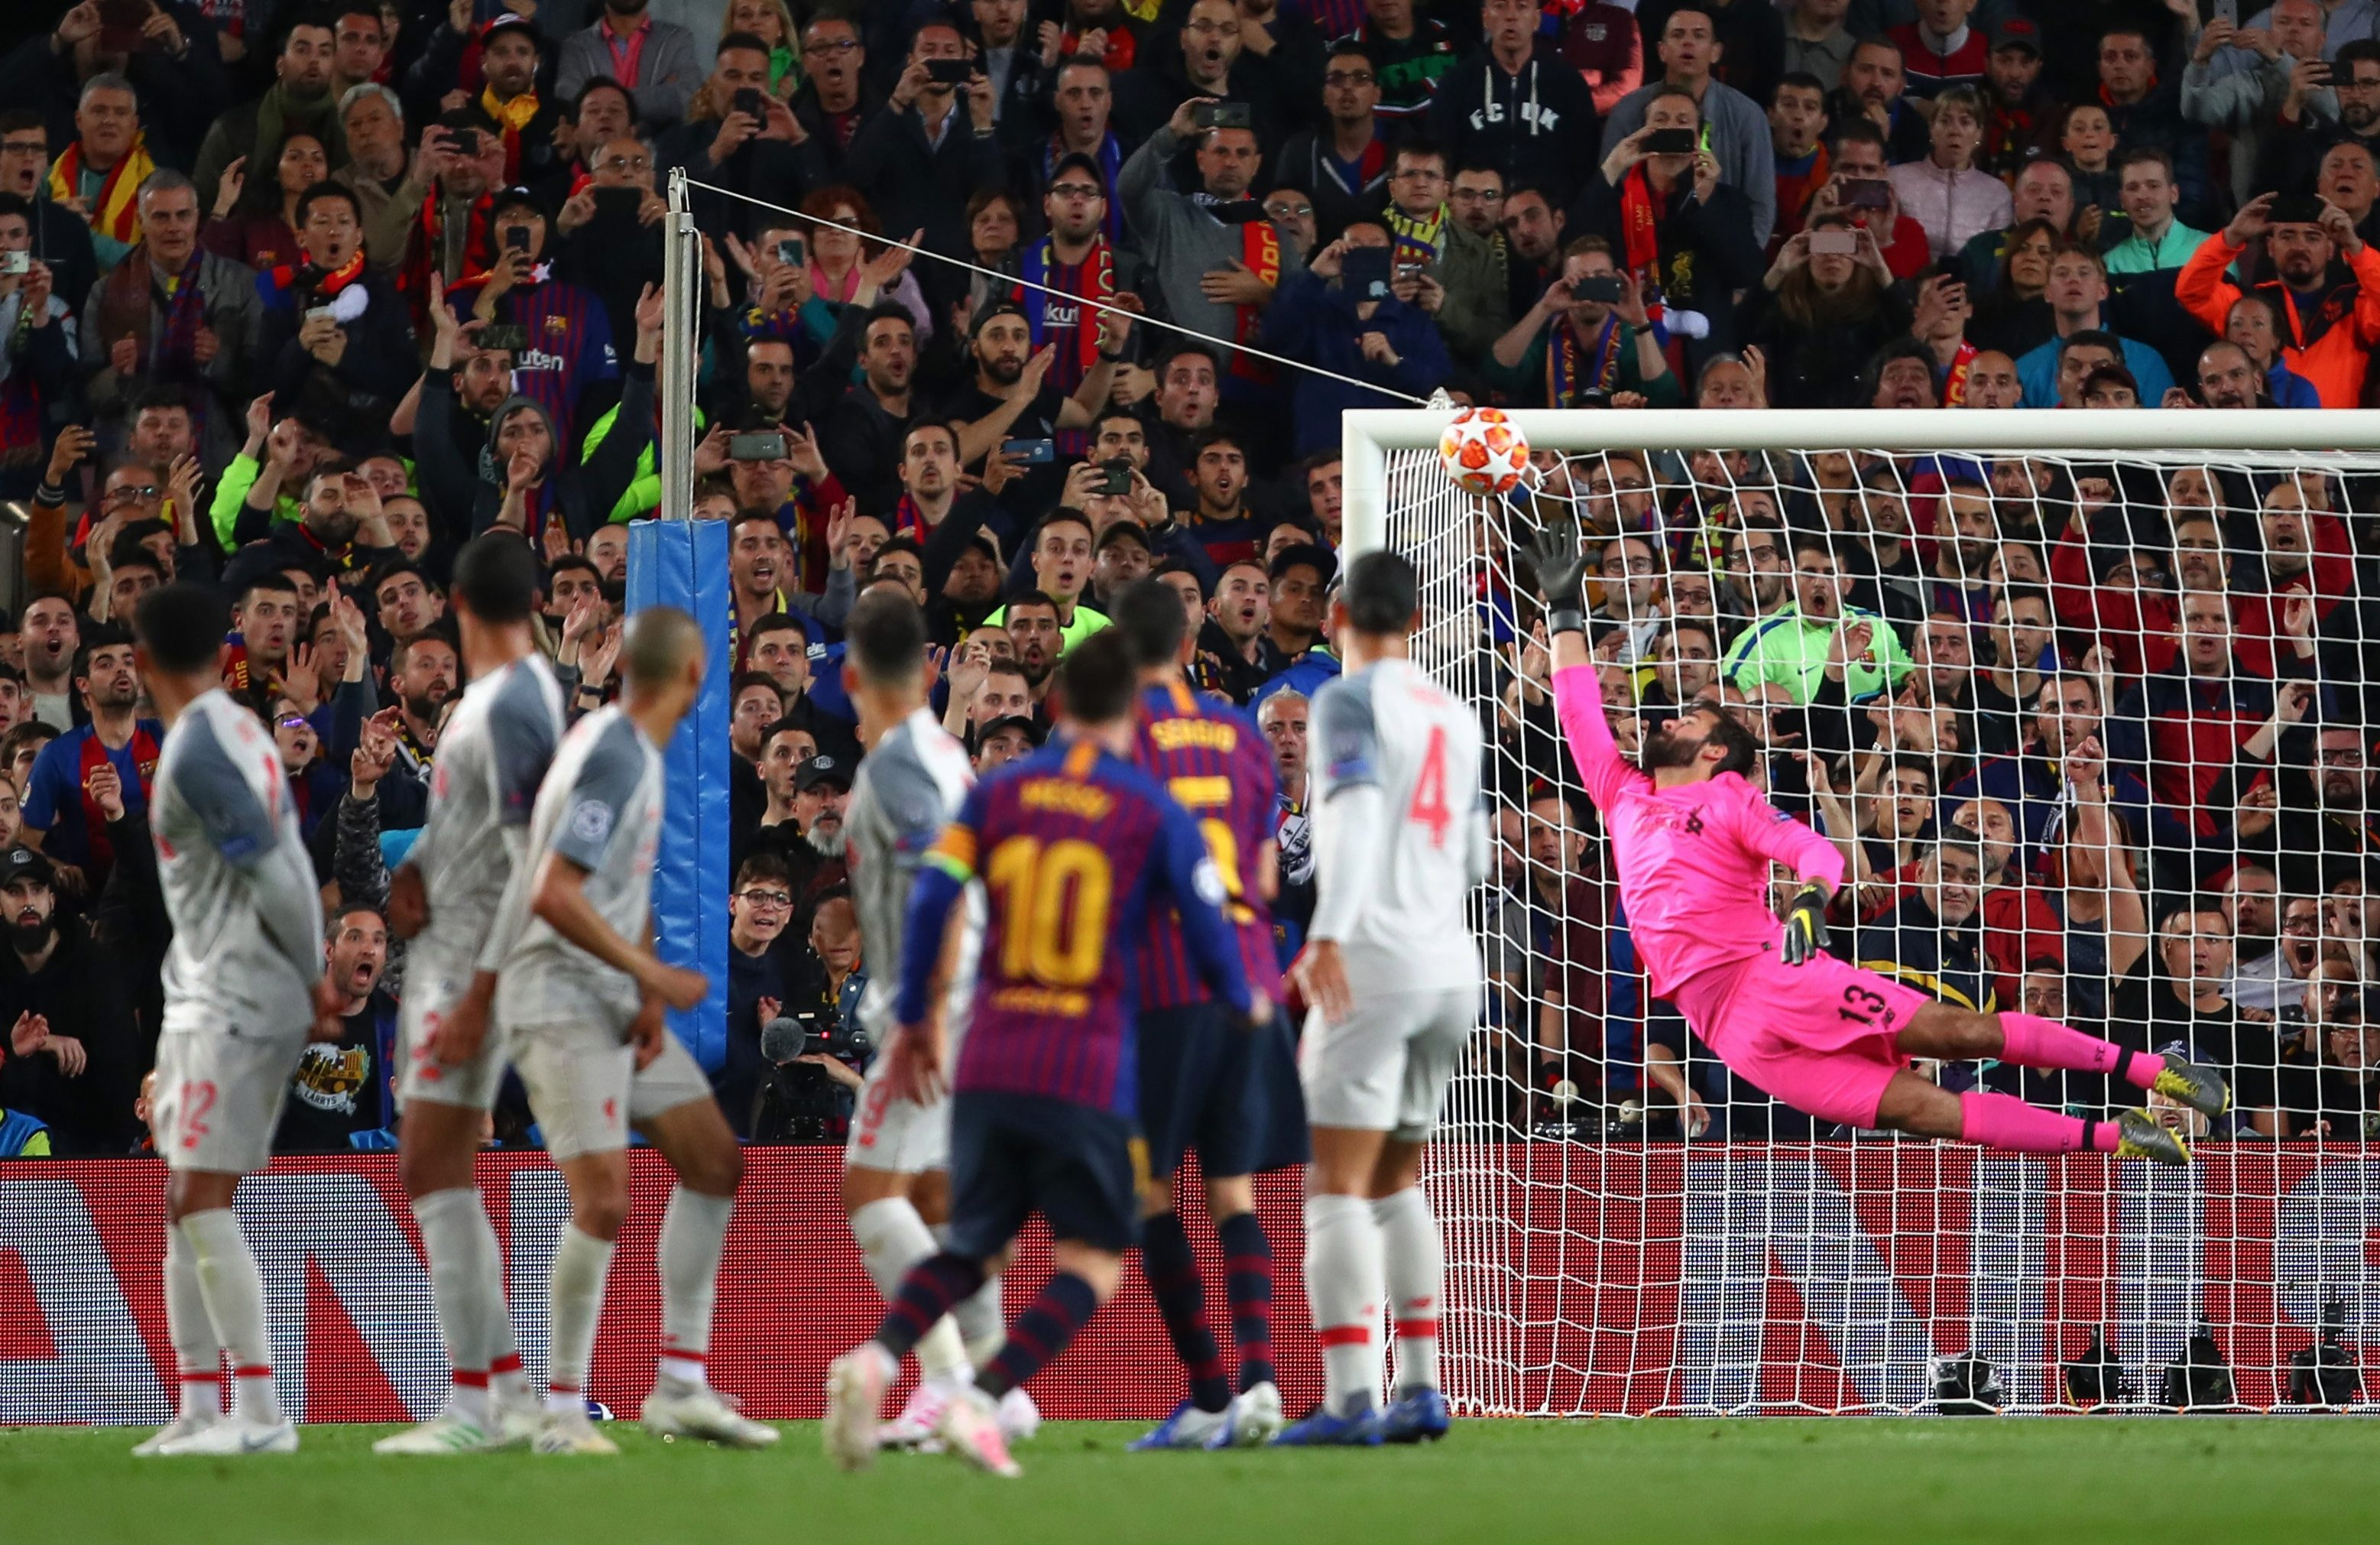 Con đường biến Messi, Ramos thành vua dàn xếp đá phạt